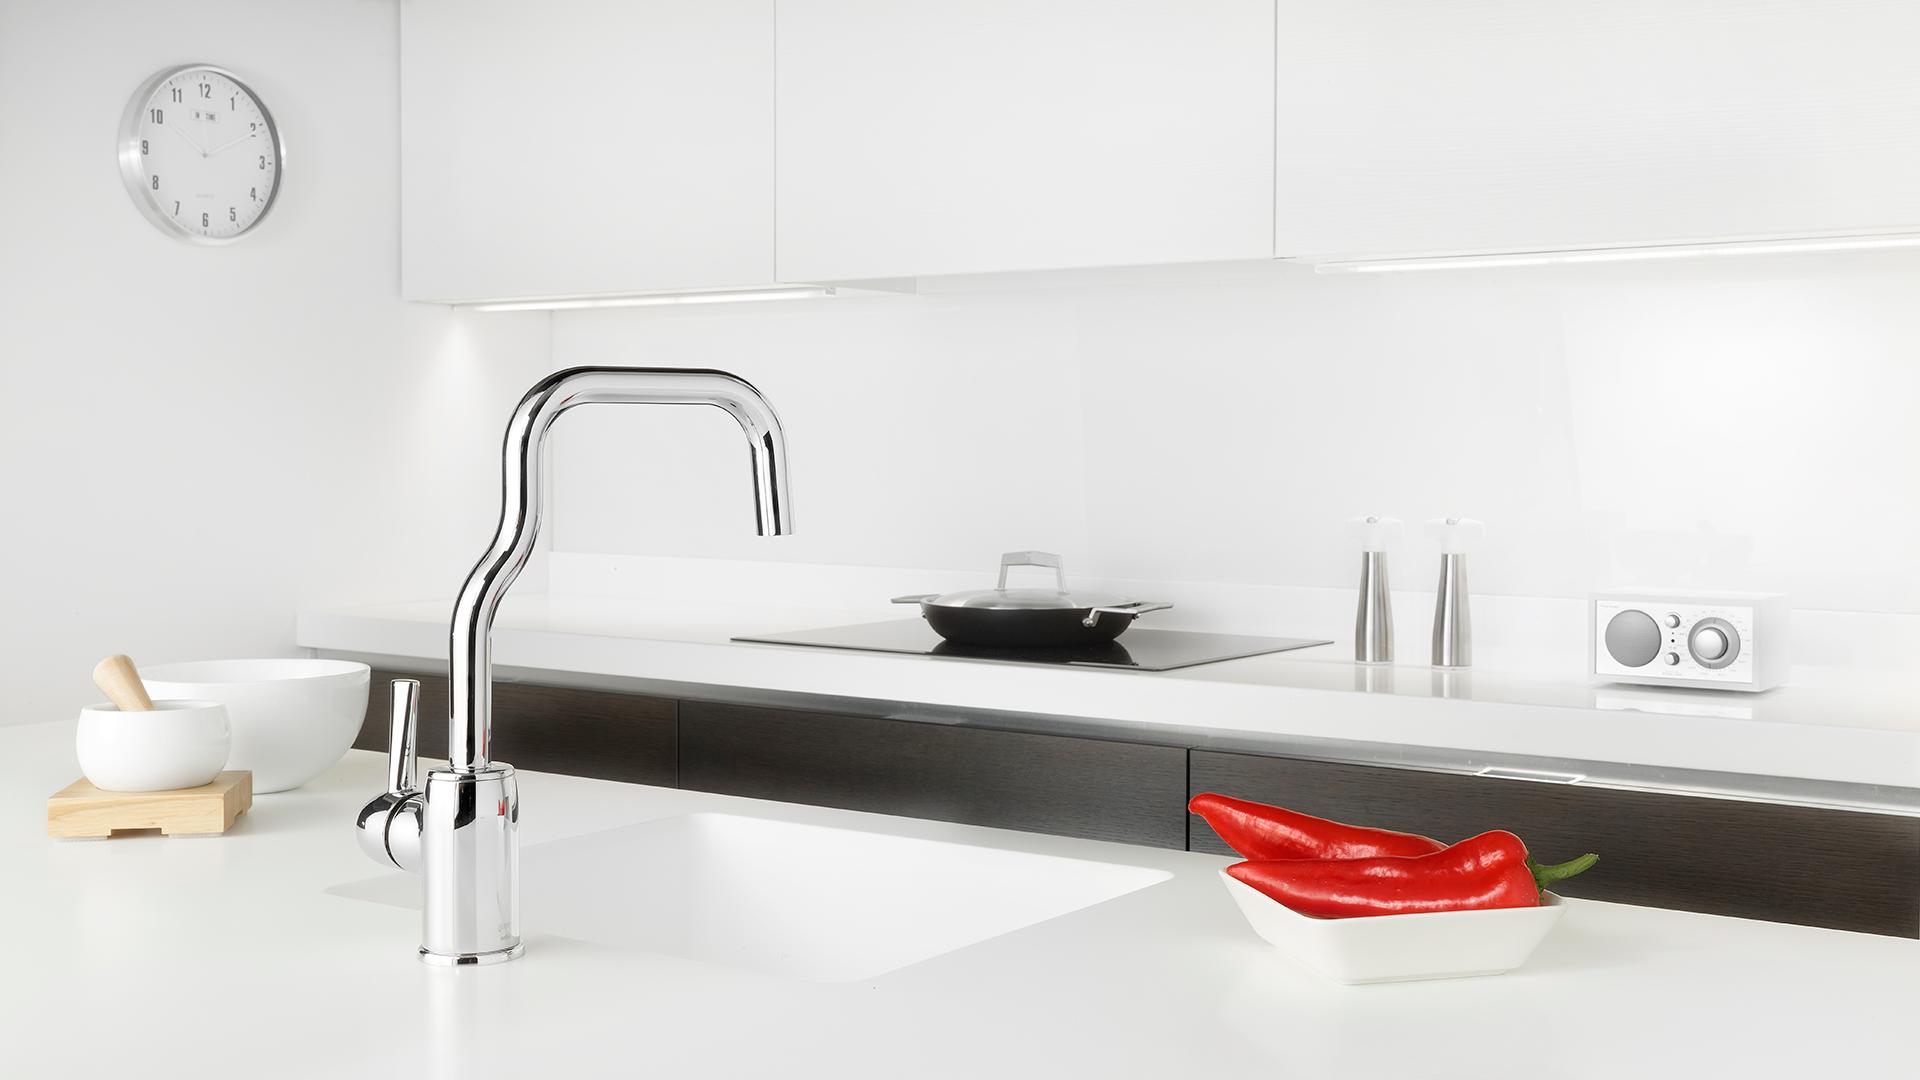 ... 8530 LA CUCINA ALESSI By Oras, Kitchen Faucet, ...